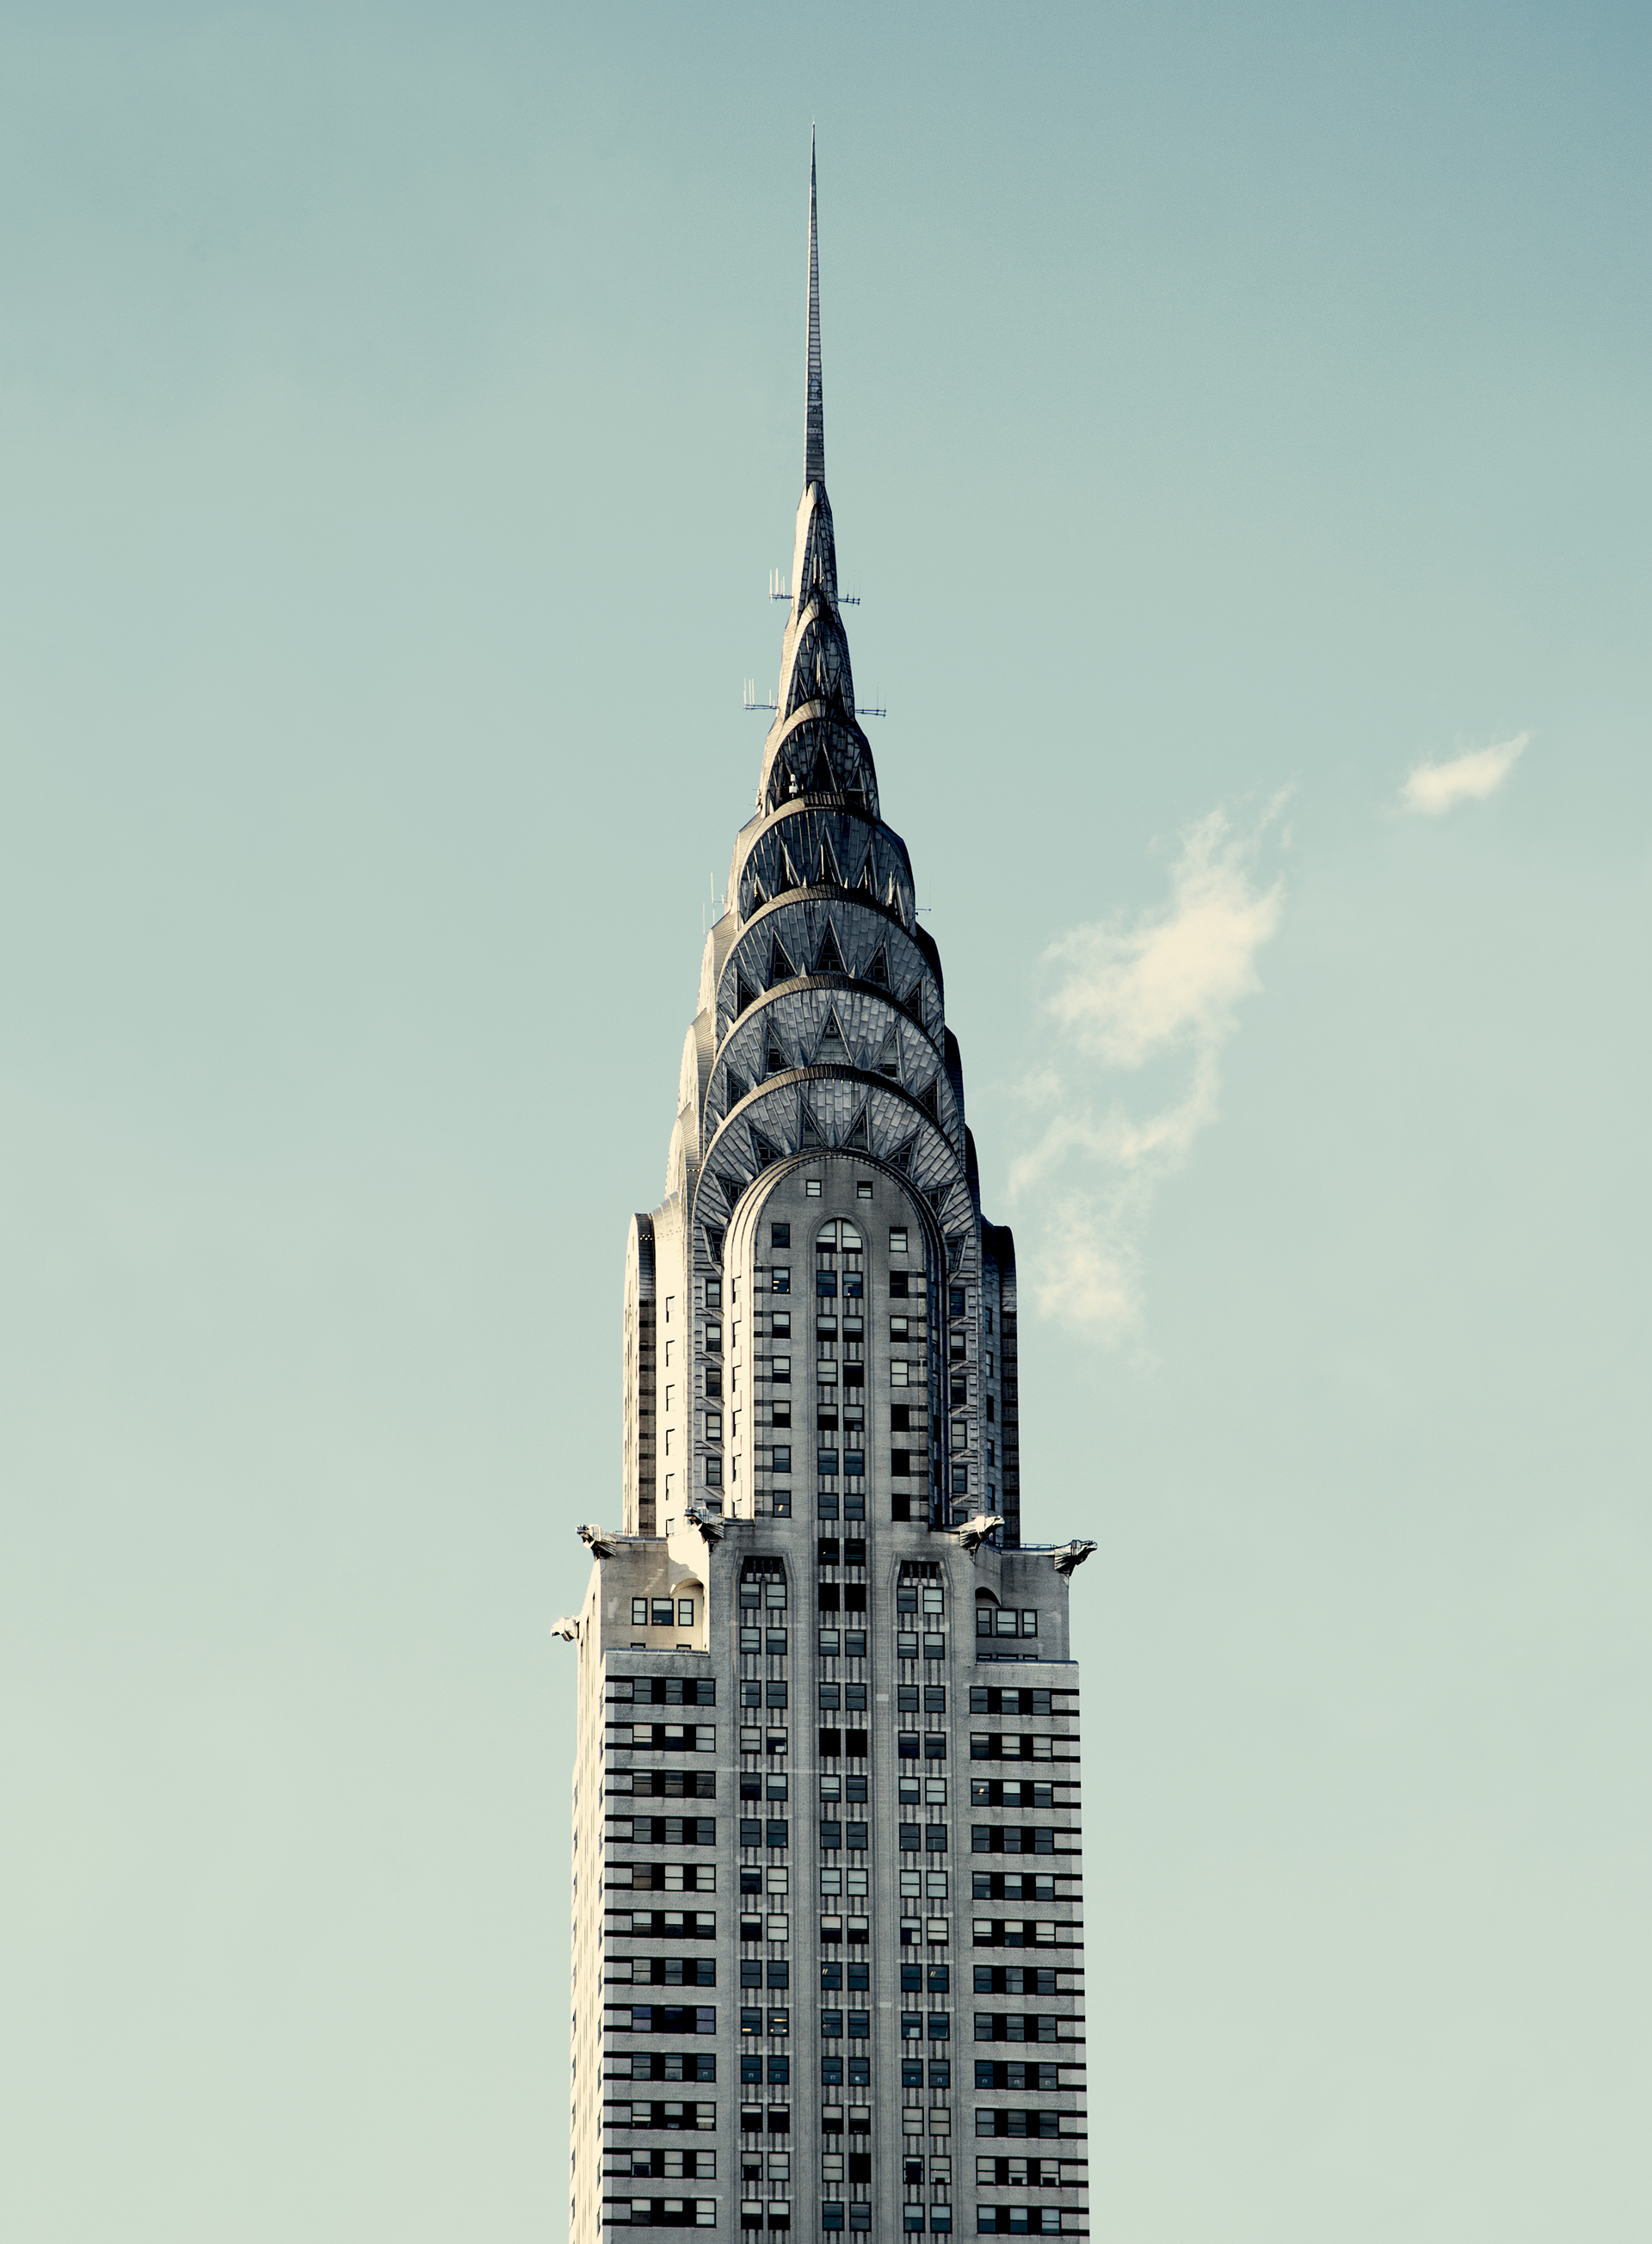 El rascacielos de 77 pisos, construido entre 1928 y 1930, fue el edificio más alto del mundo hasta que el Empire State, también de Nueva York, le quitó ese título en 1931.